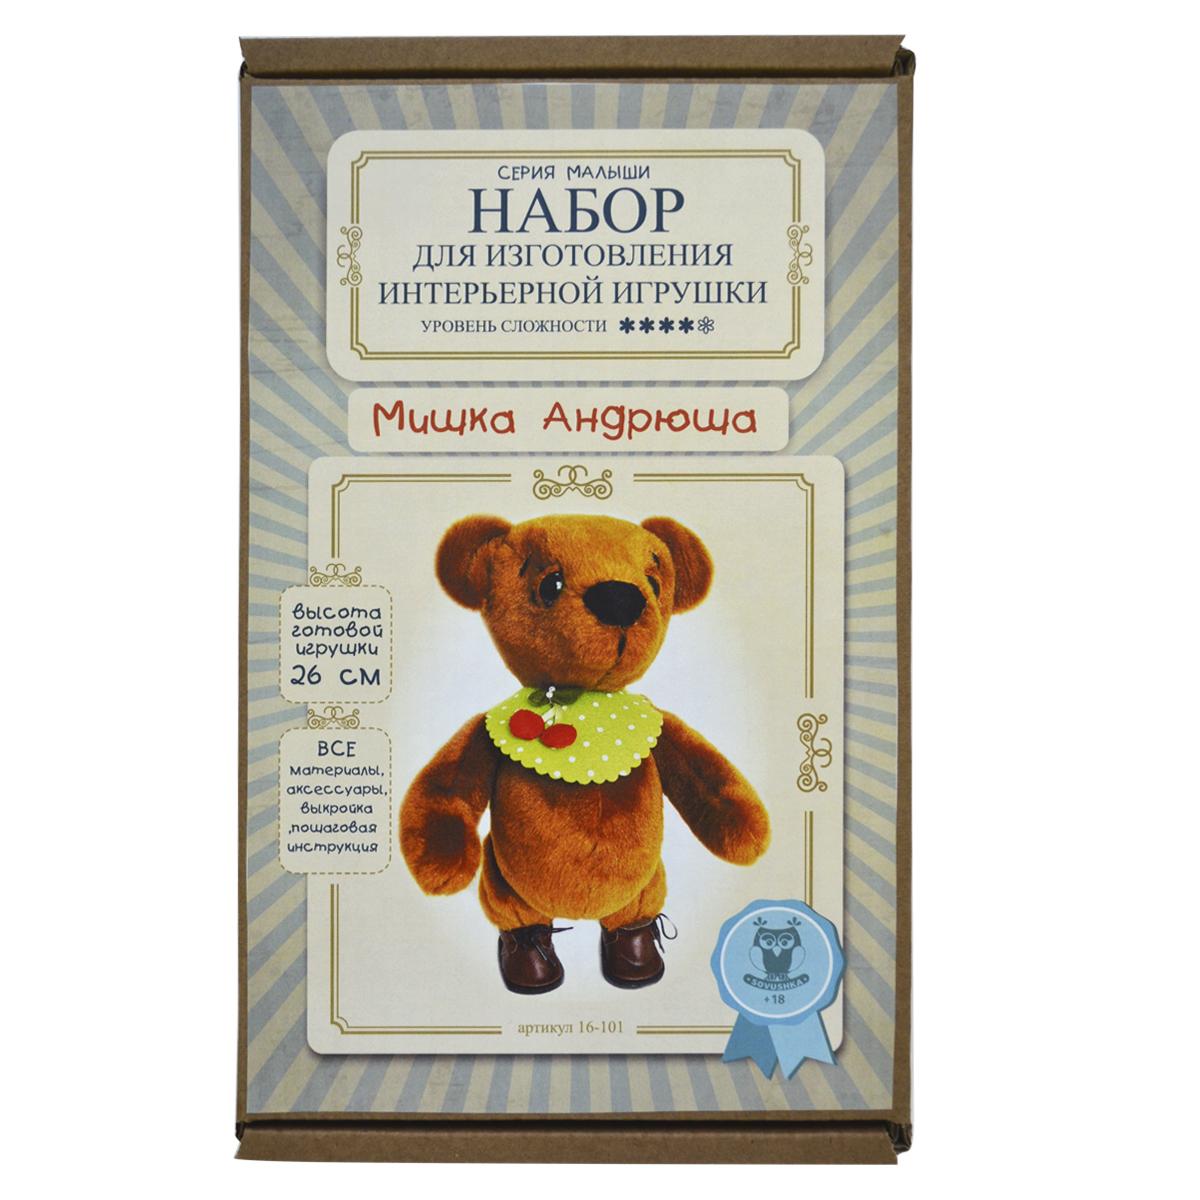 Набор для изготовления игрушки Sovushka Мишка Андрюшка, 26 см. 16-101 набор для изготовления текстильной игрушки артмикс мишка папа высота 25 см